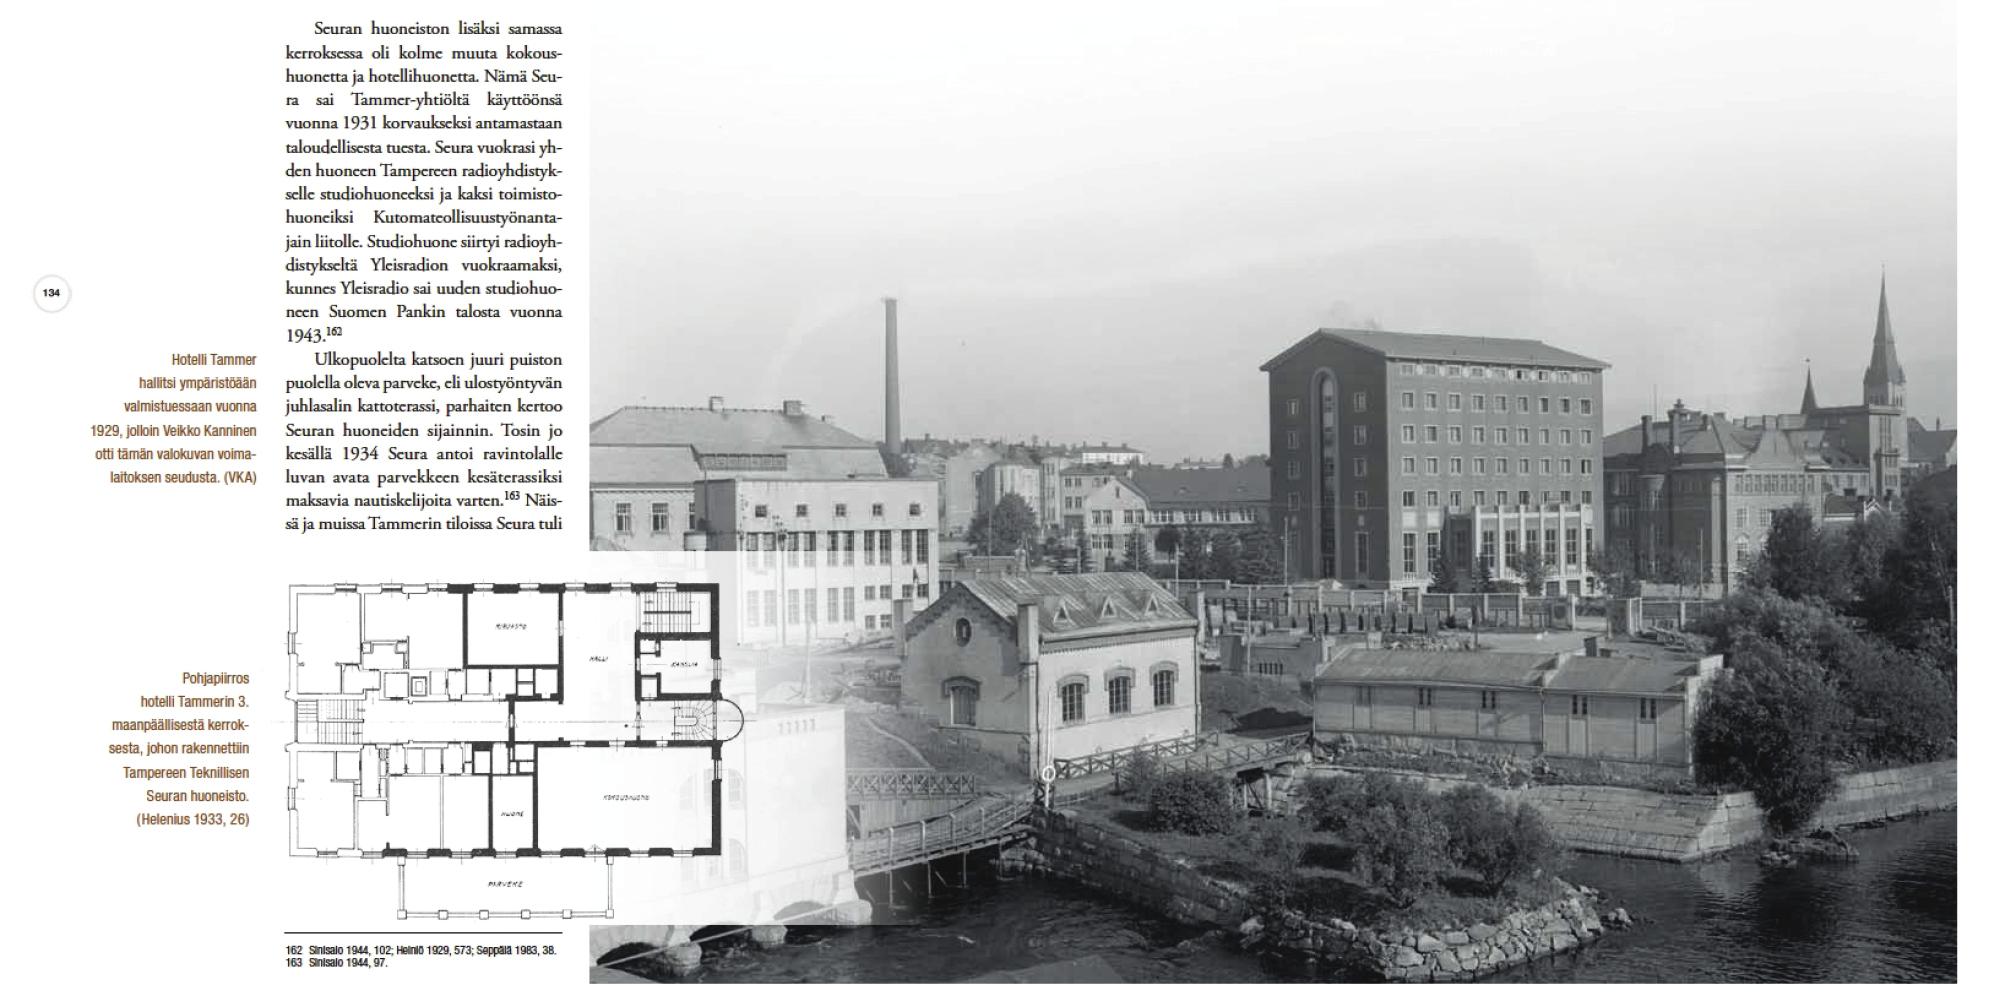 Koskimaisemaa komistava Hotelli Tammer on olennainen osa Tampereen Teknillisen Seuran historiaa.